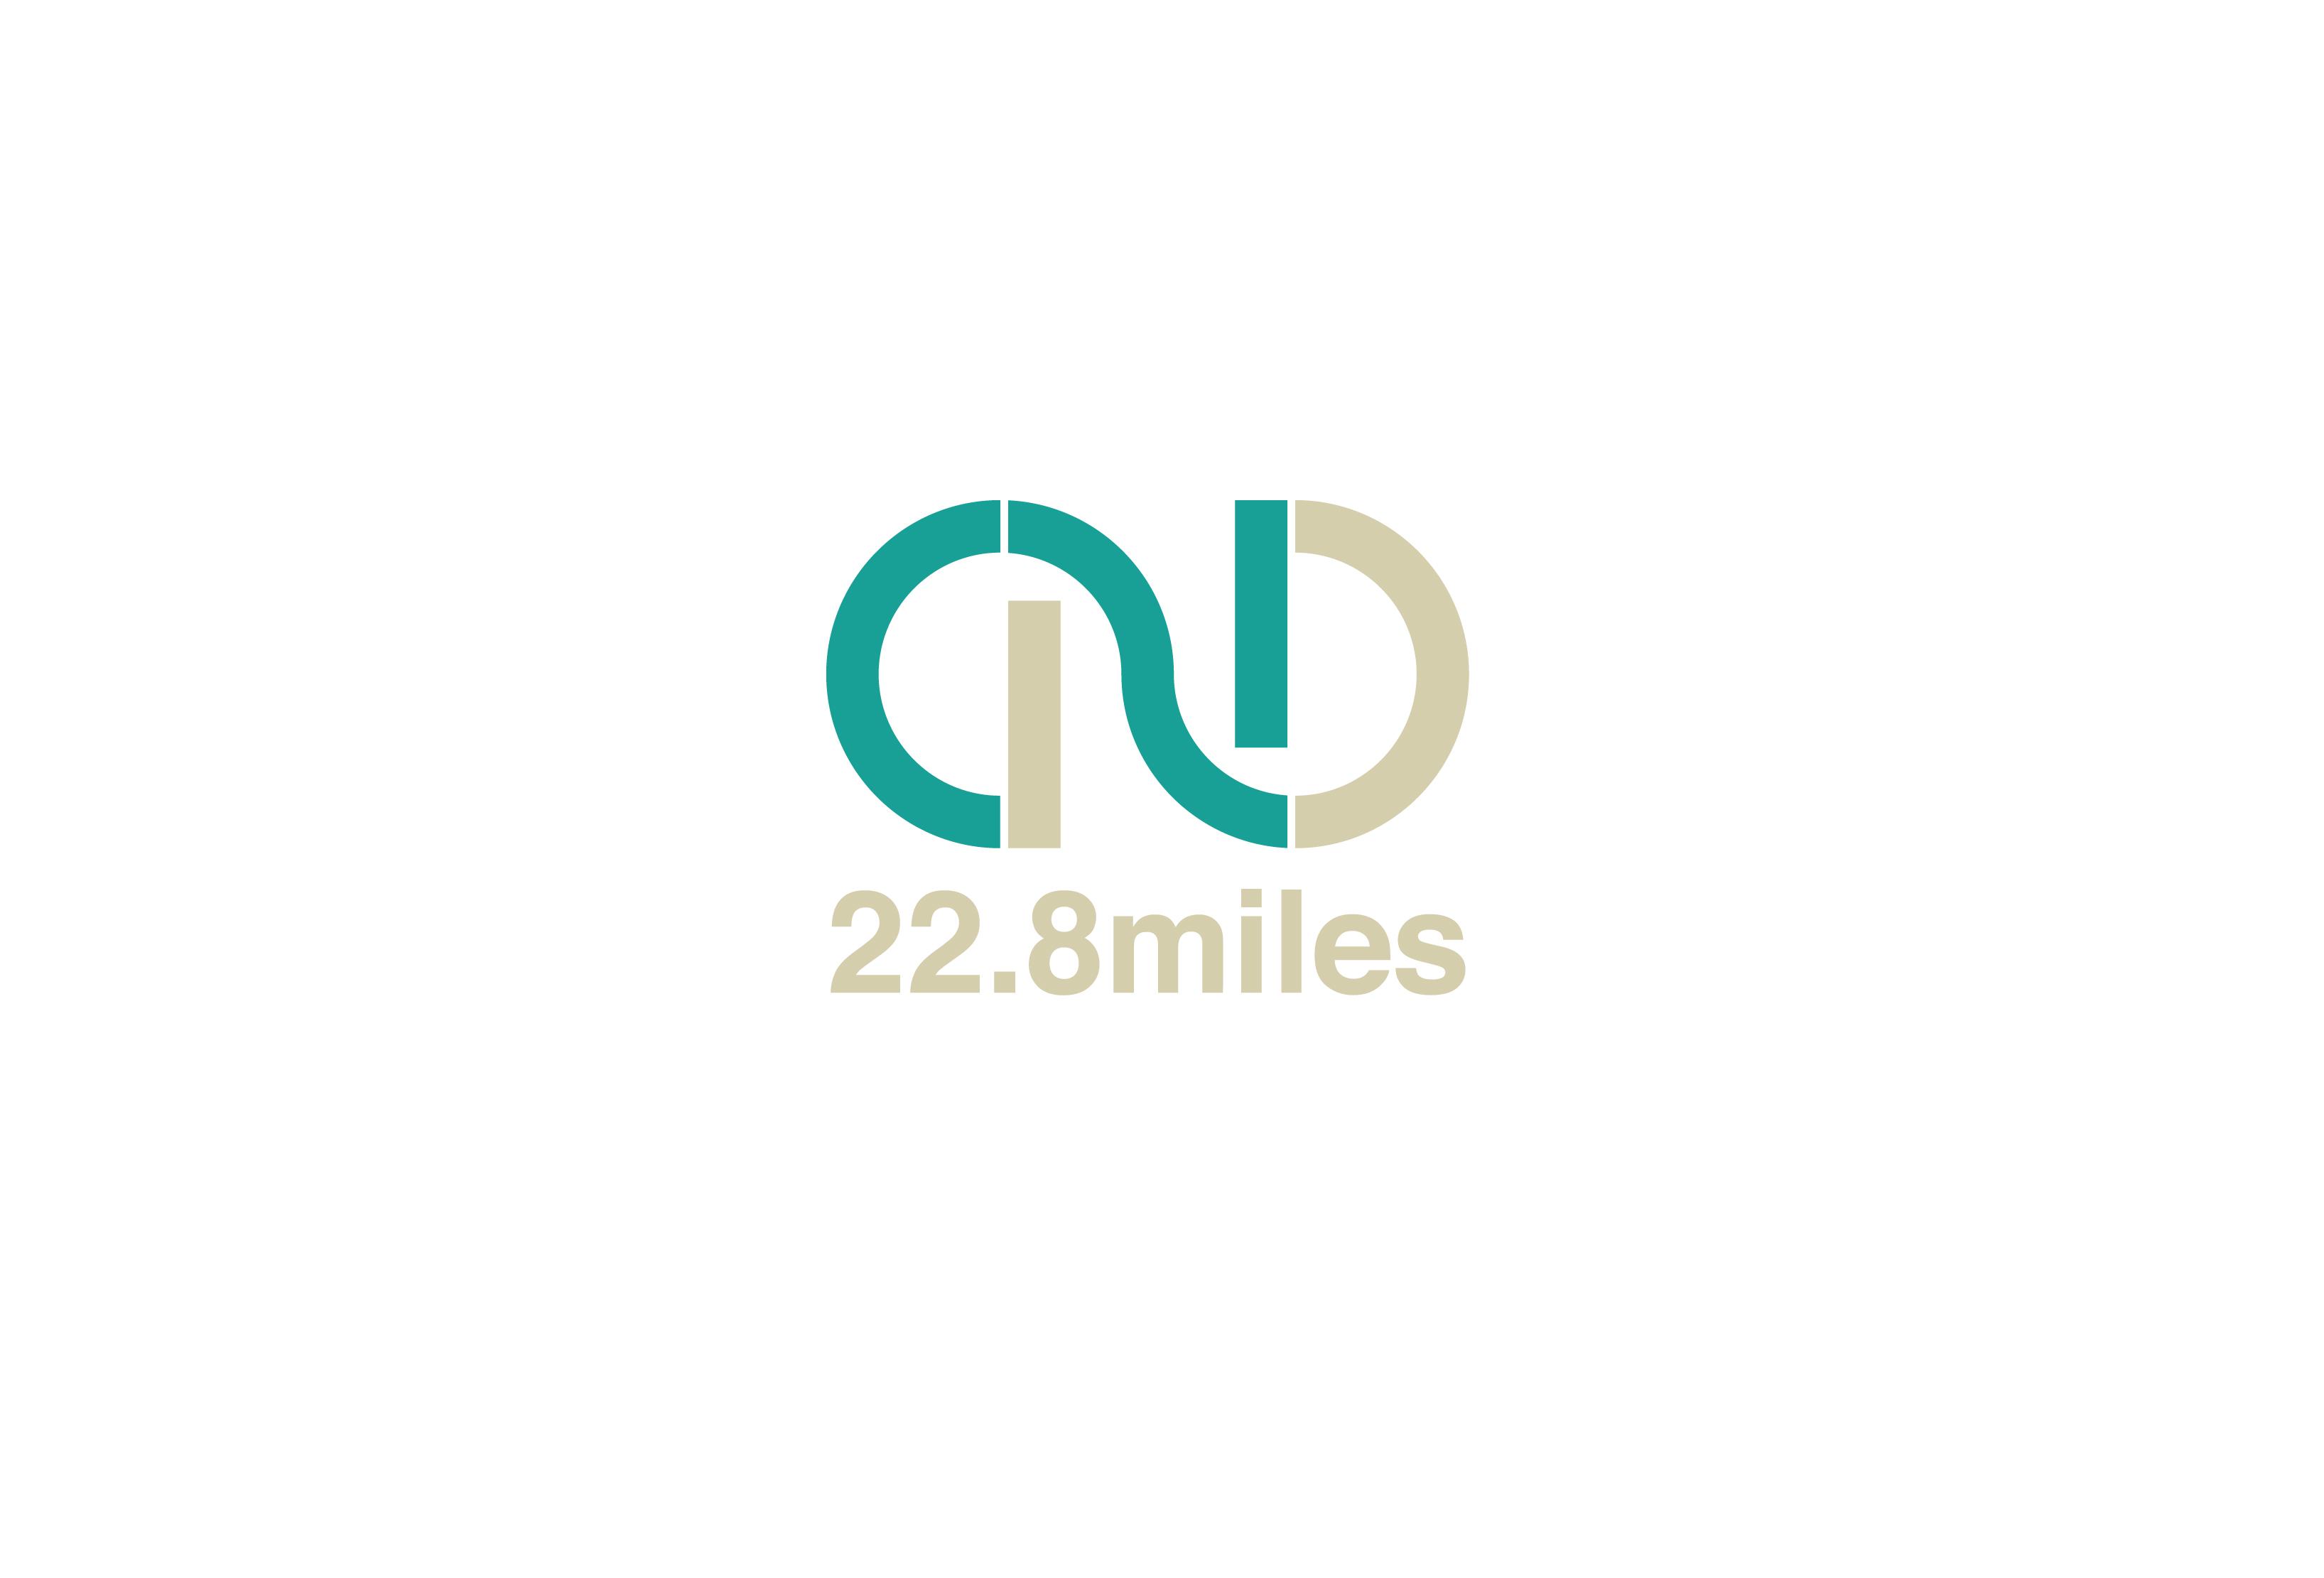 Logo-22.8miles-draft